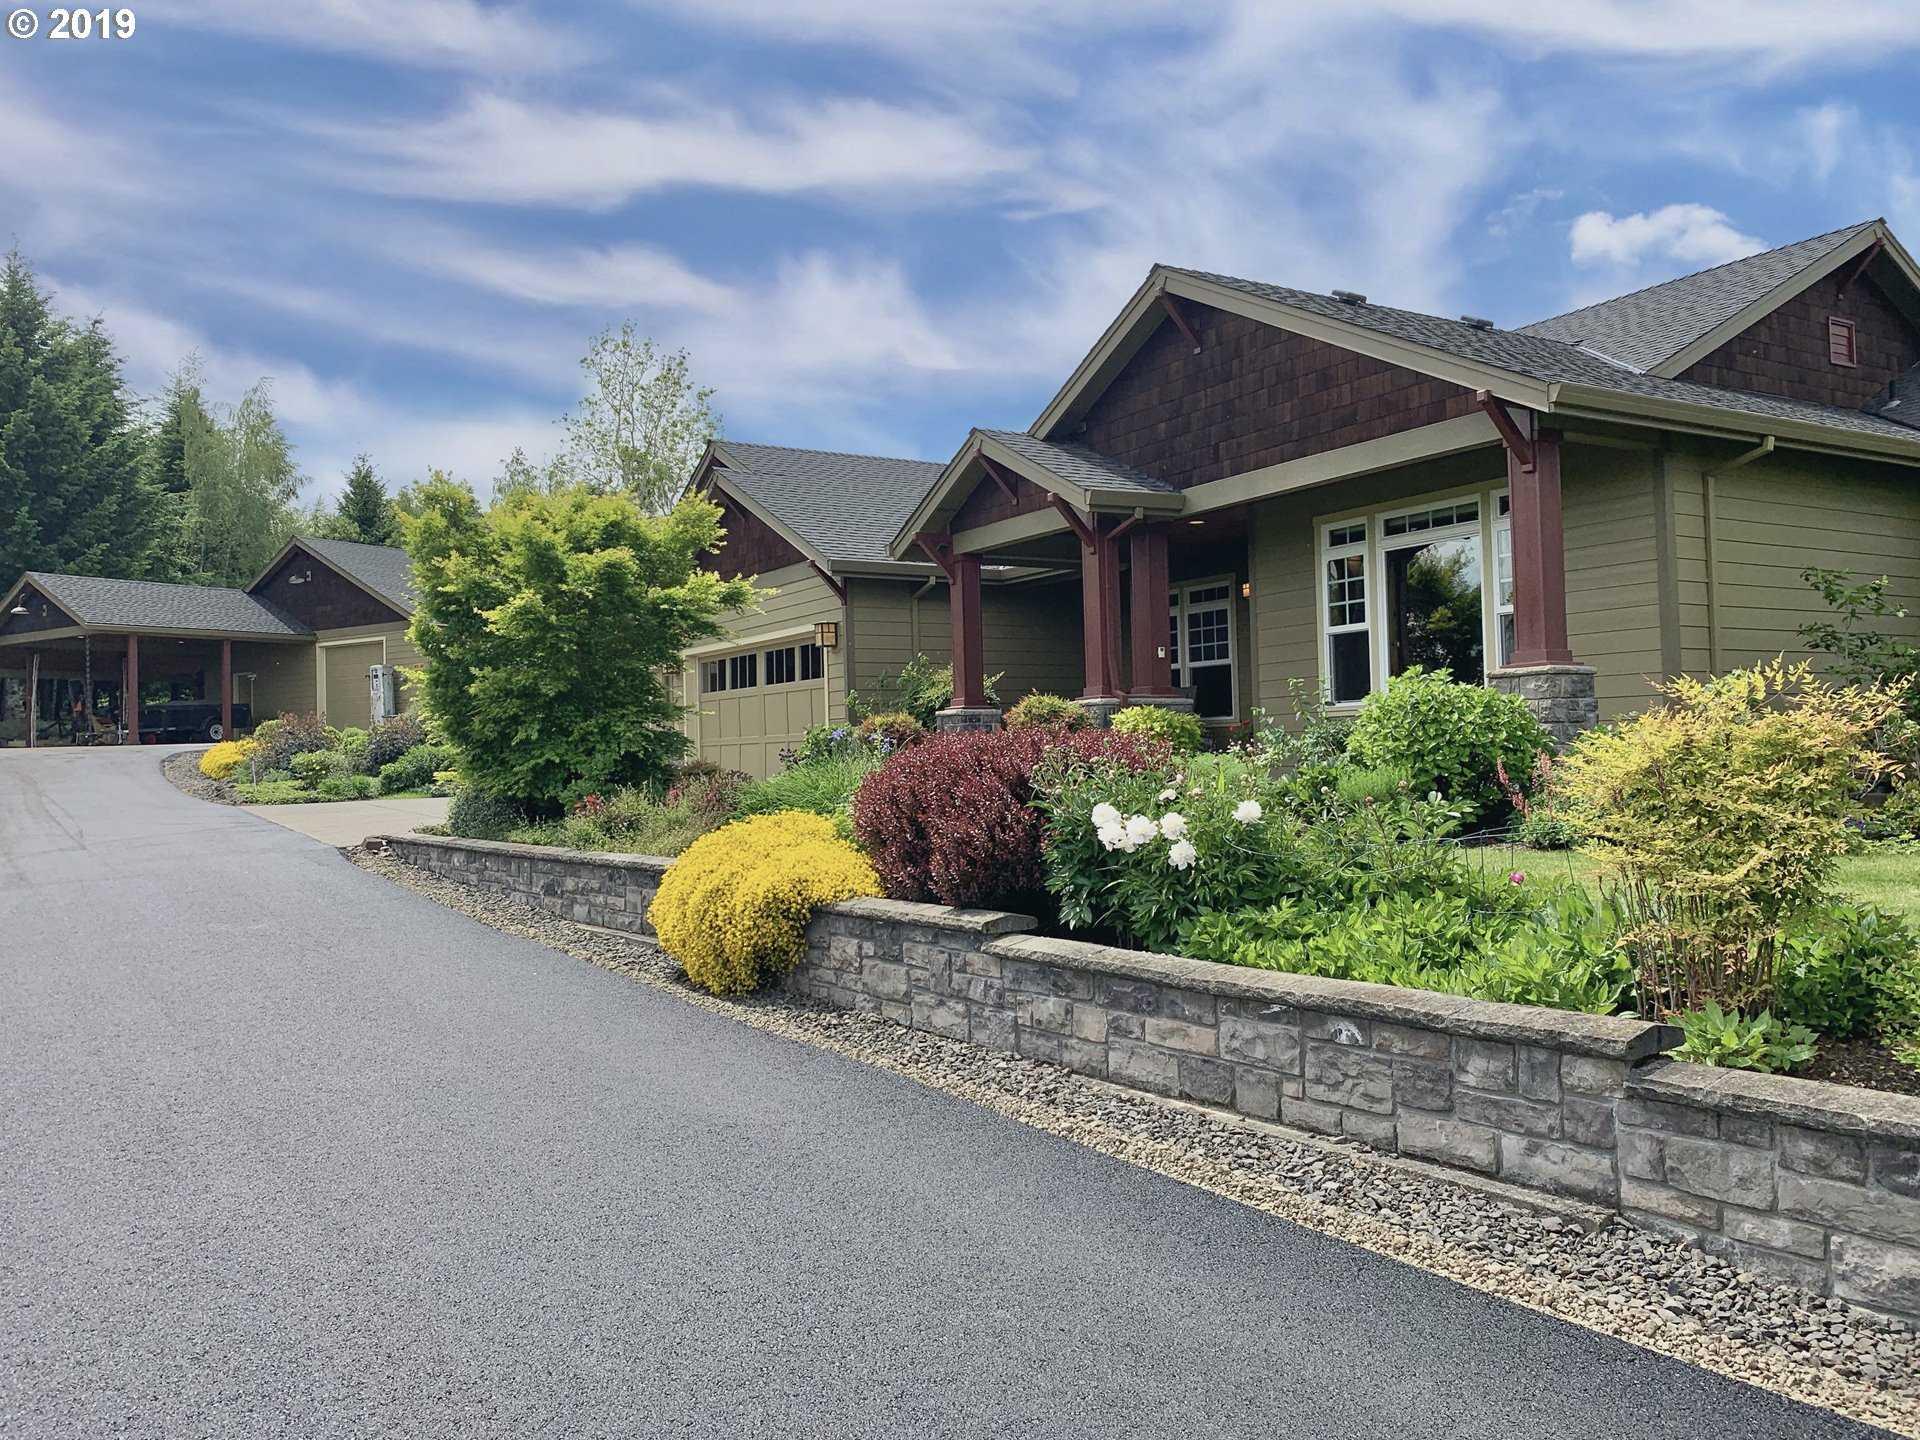 $1,535,000 - 4Br/3Ba -  for Sale in Scholls, Hillsboro